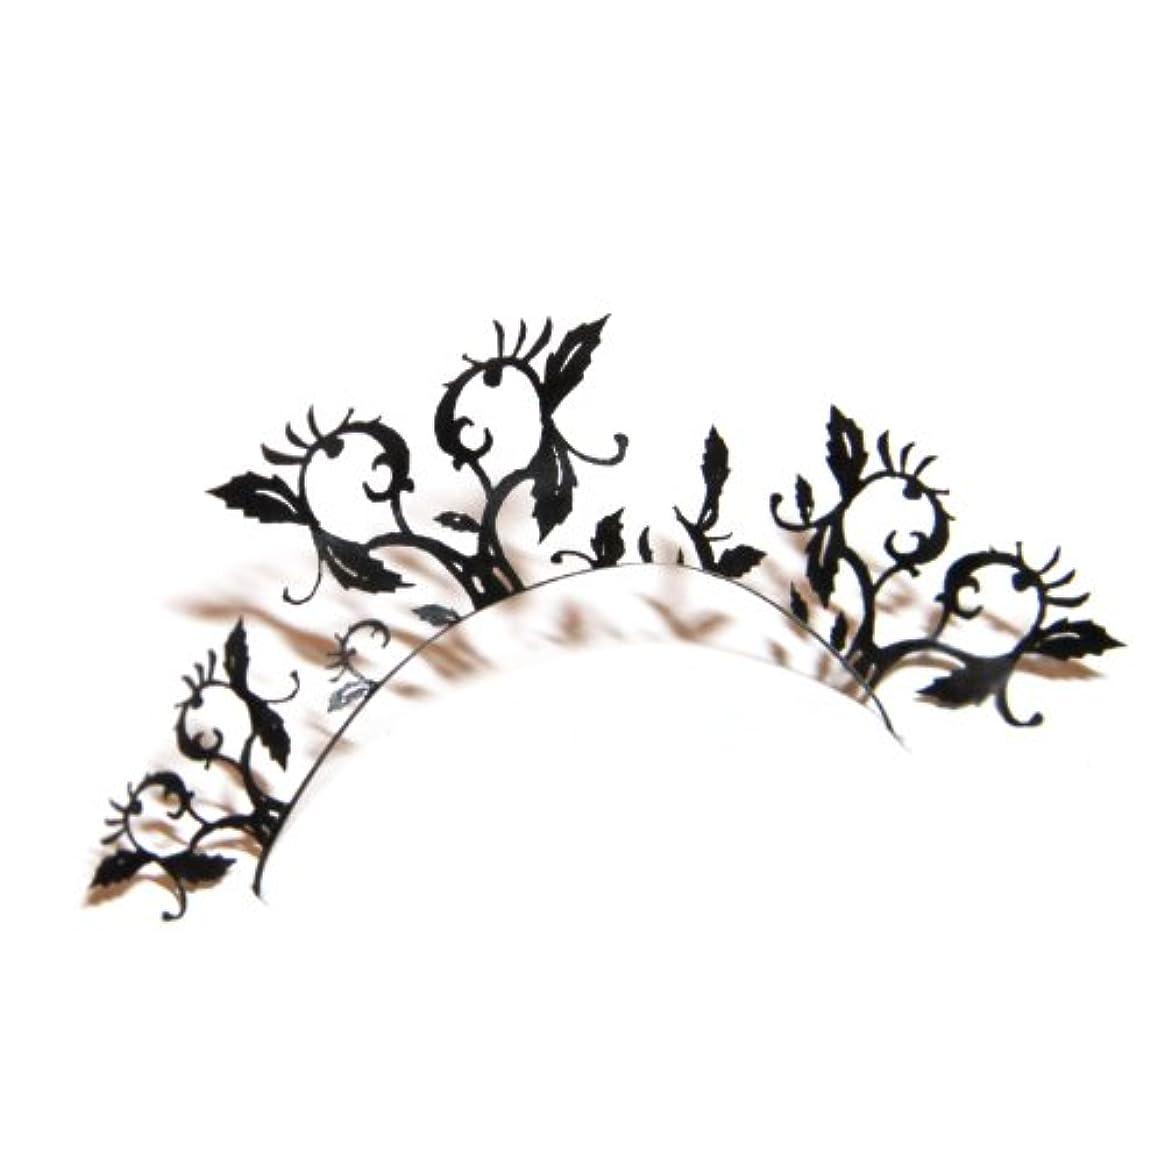 急性スケルトンカヌーペーパーセルフ ピーチブロッサム(PAPERSELF-Peach Blossom)アイラッシュ つけまつげ 紙製【正規日本代理店】